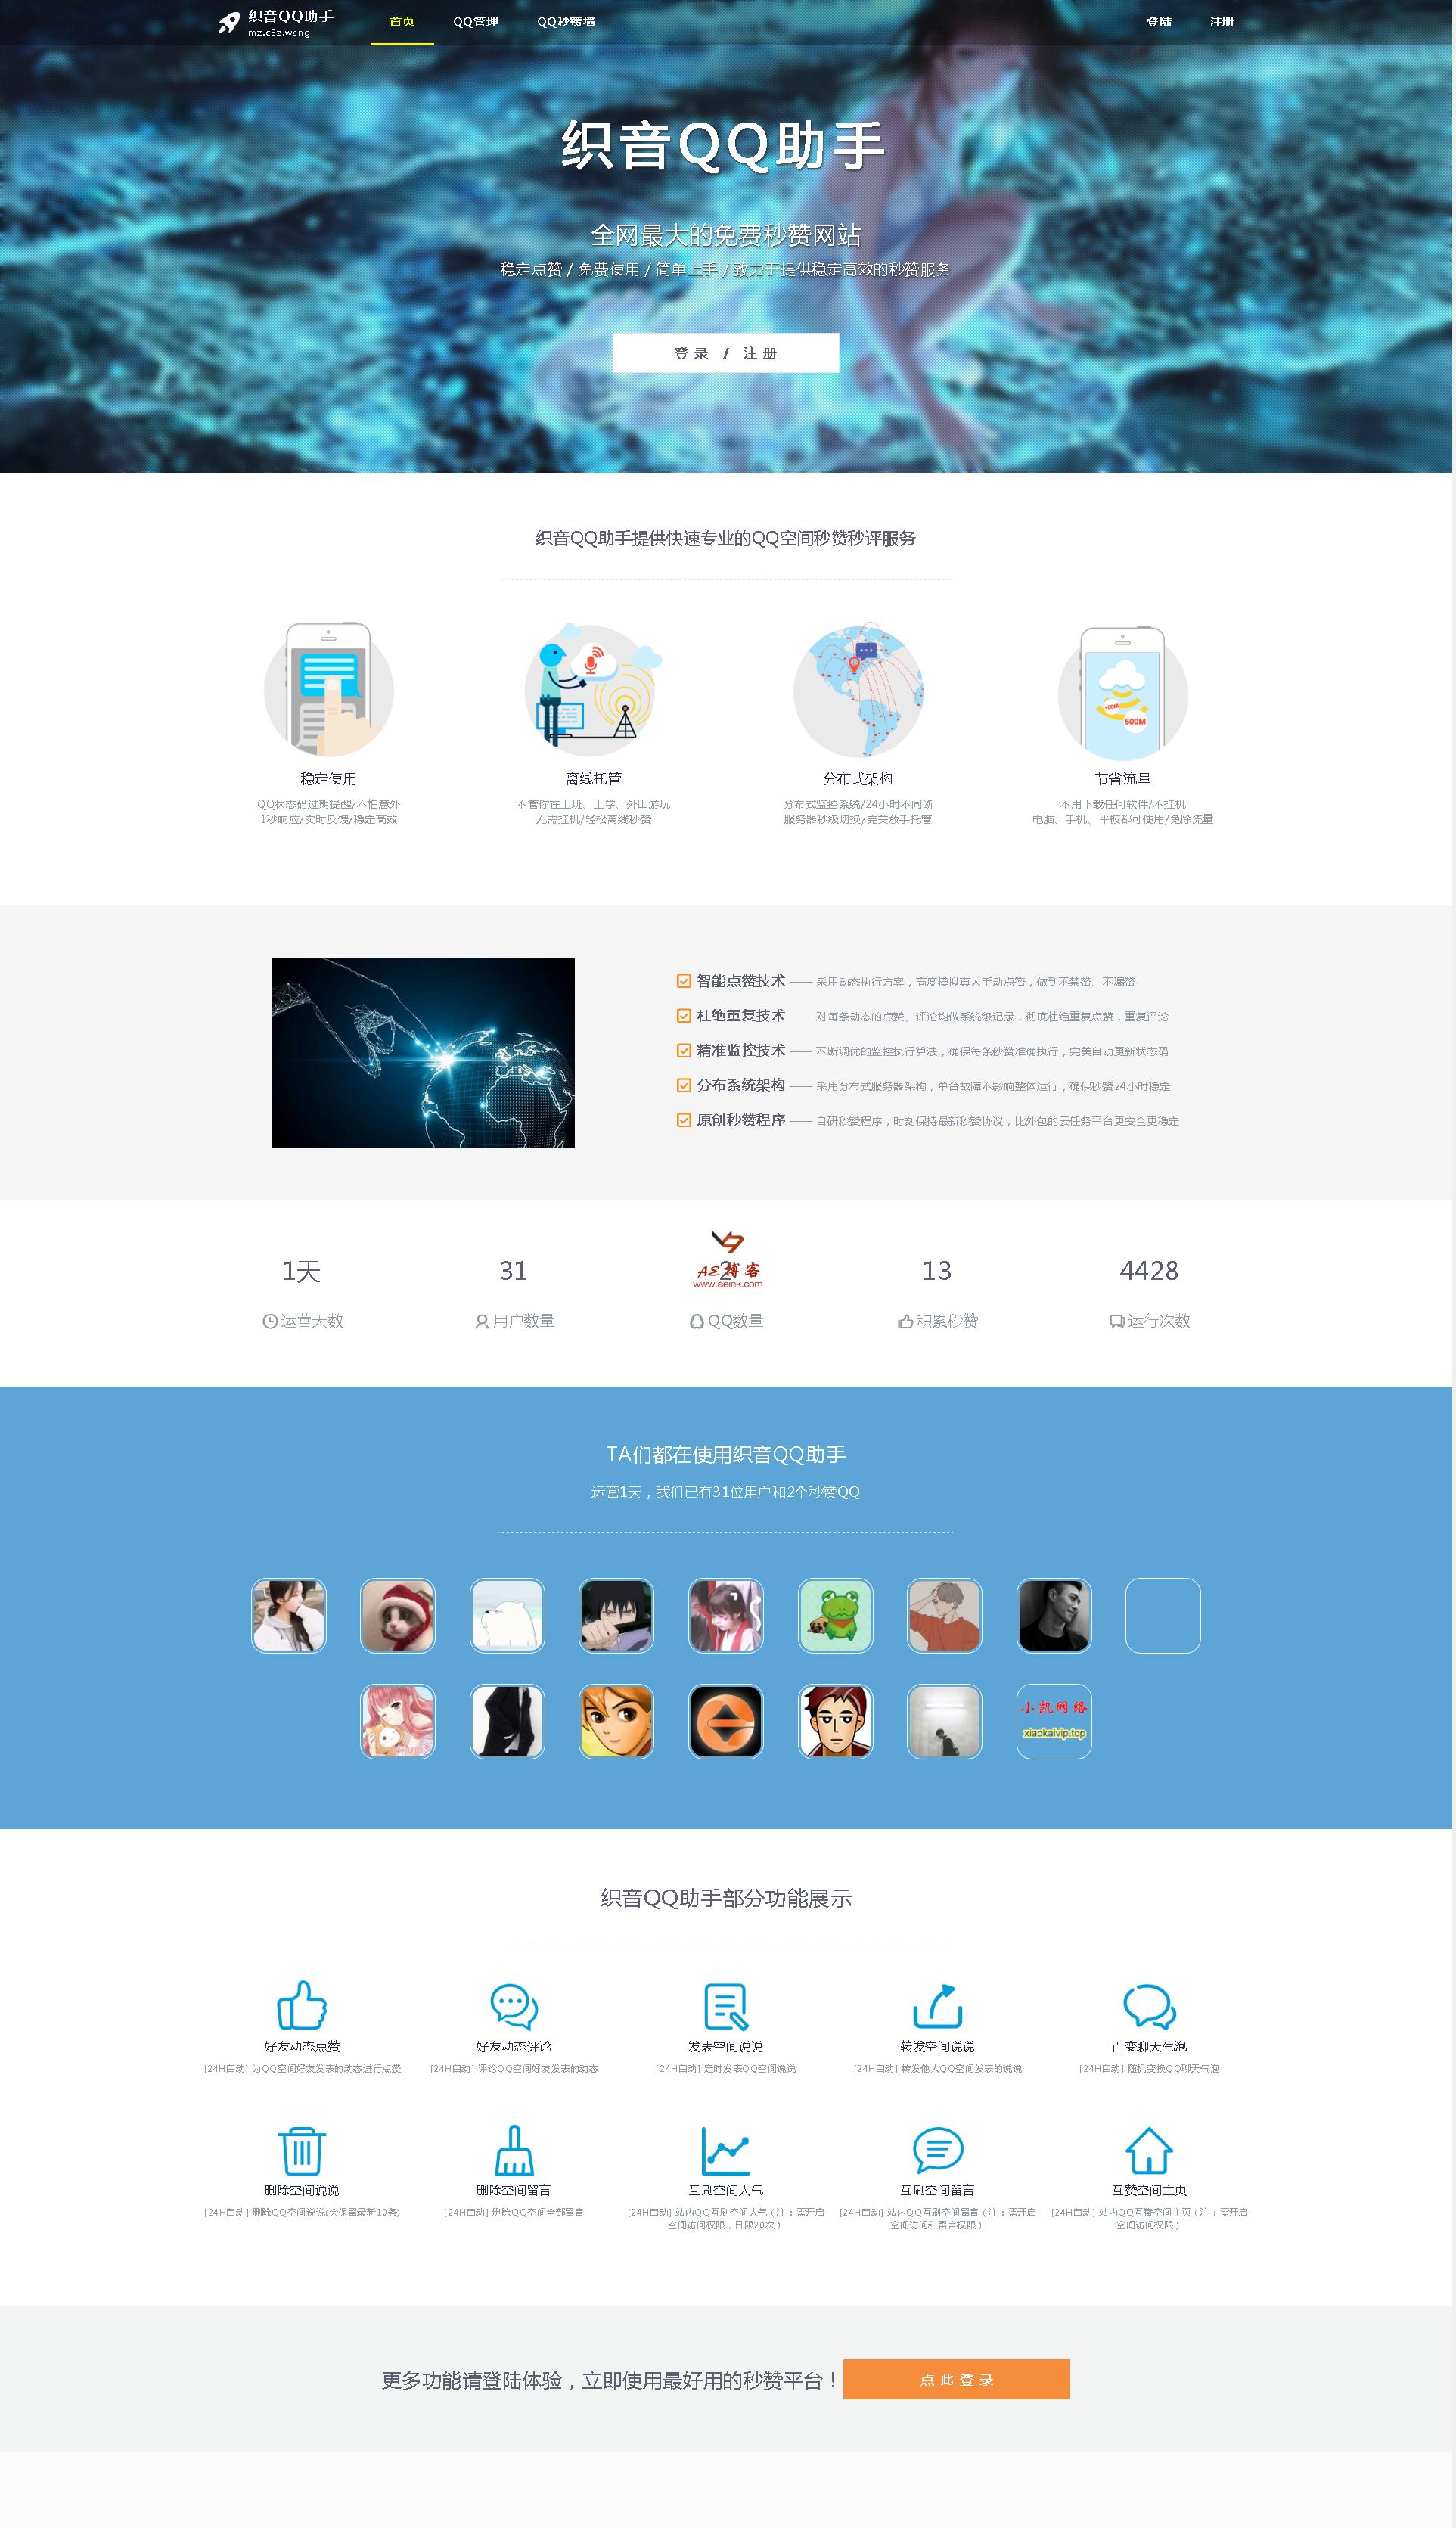 织音QQ助手 - 全网最大的免费秒赞网站.png